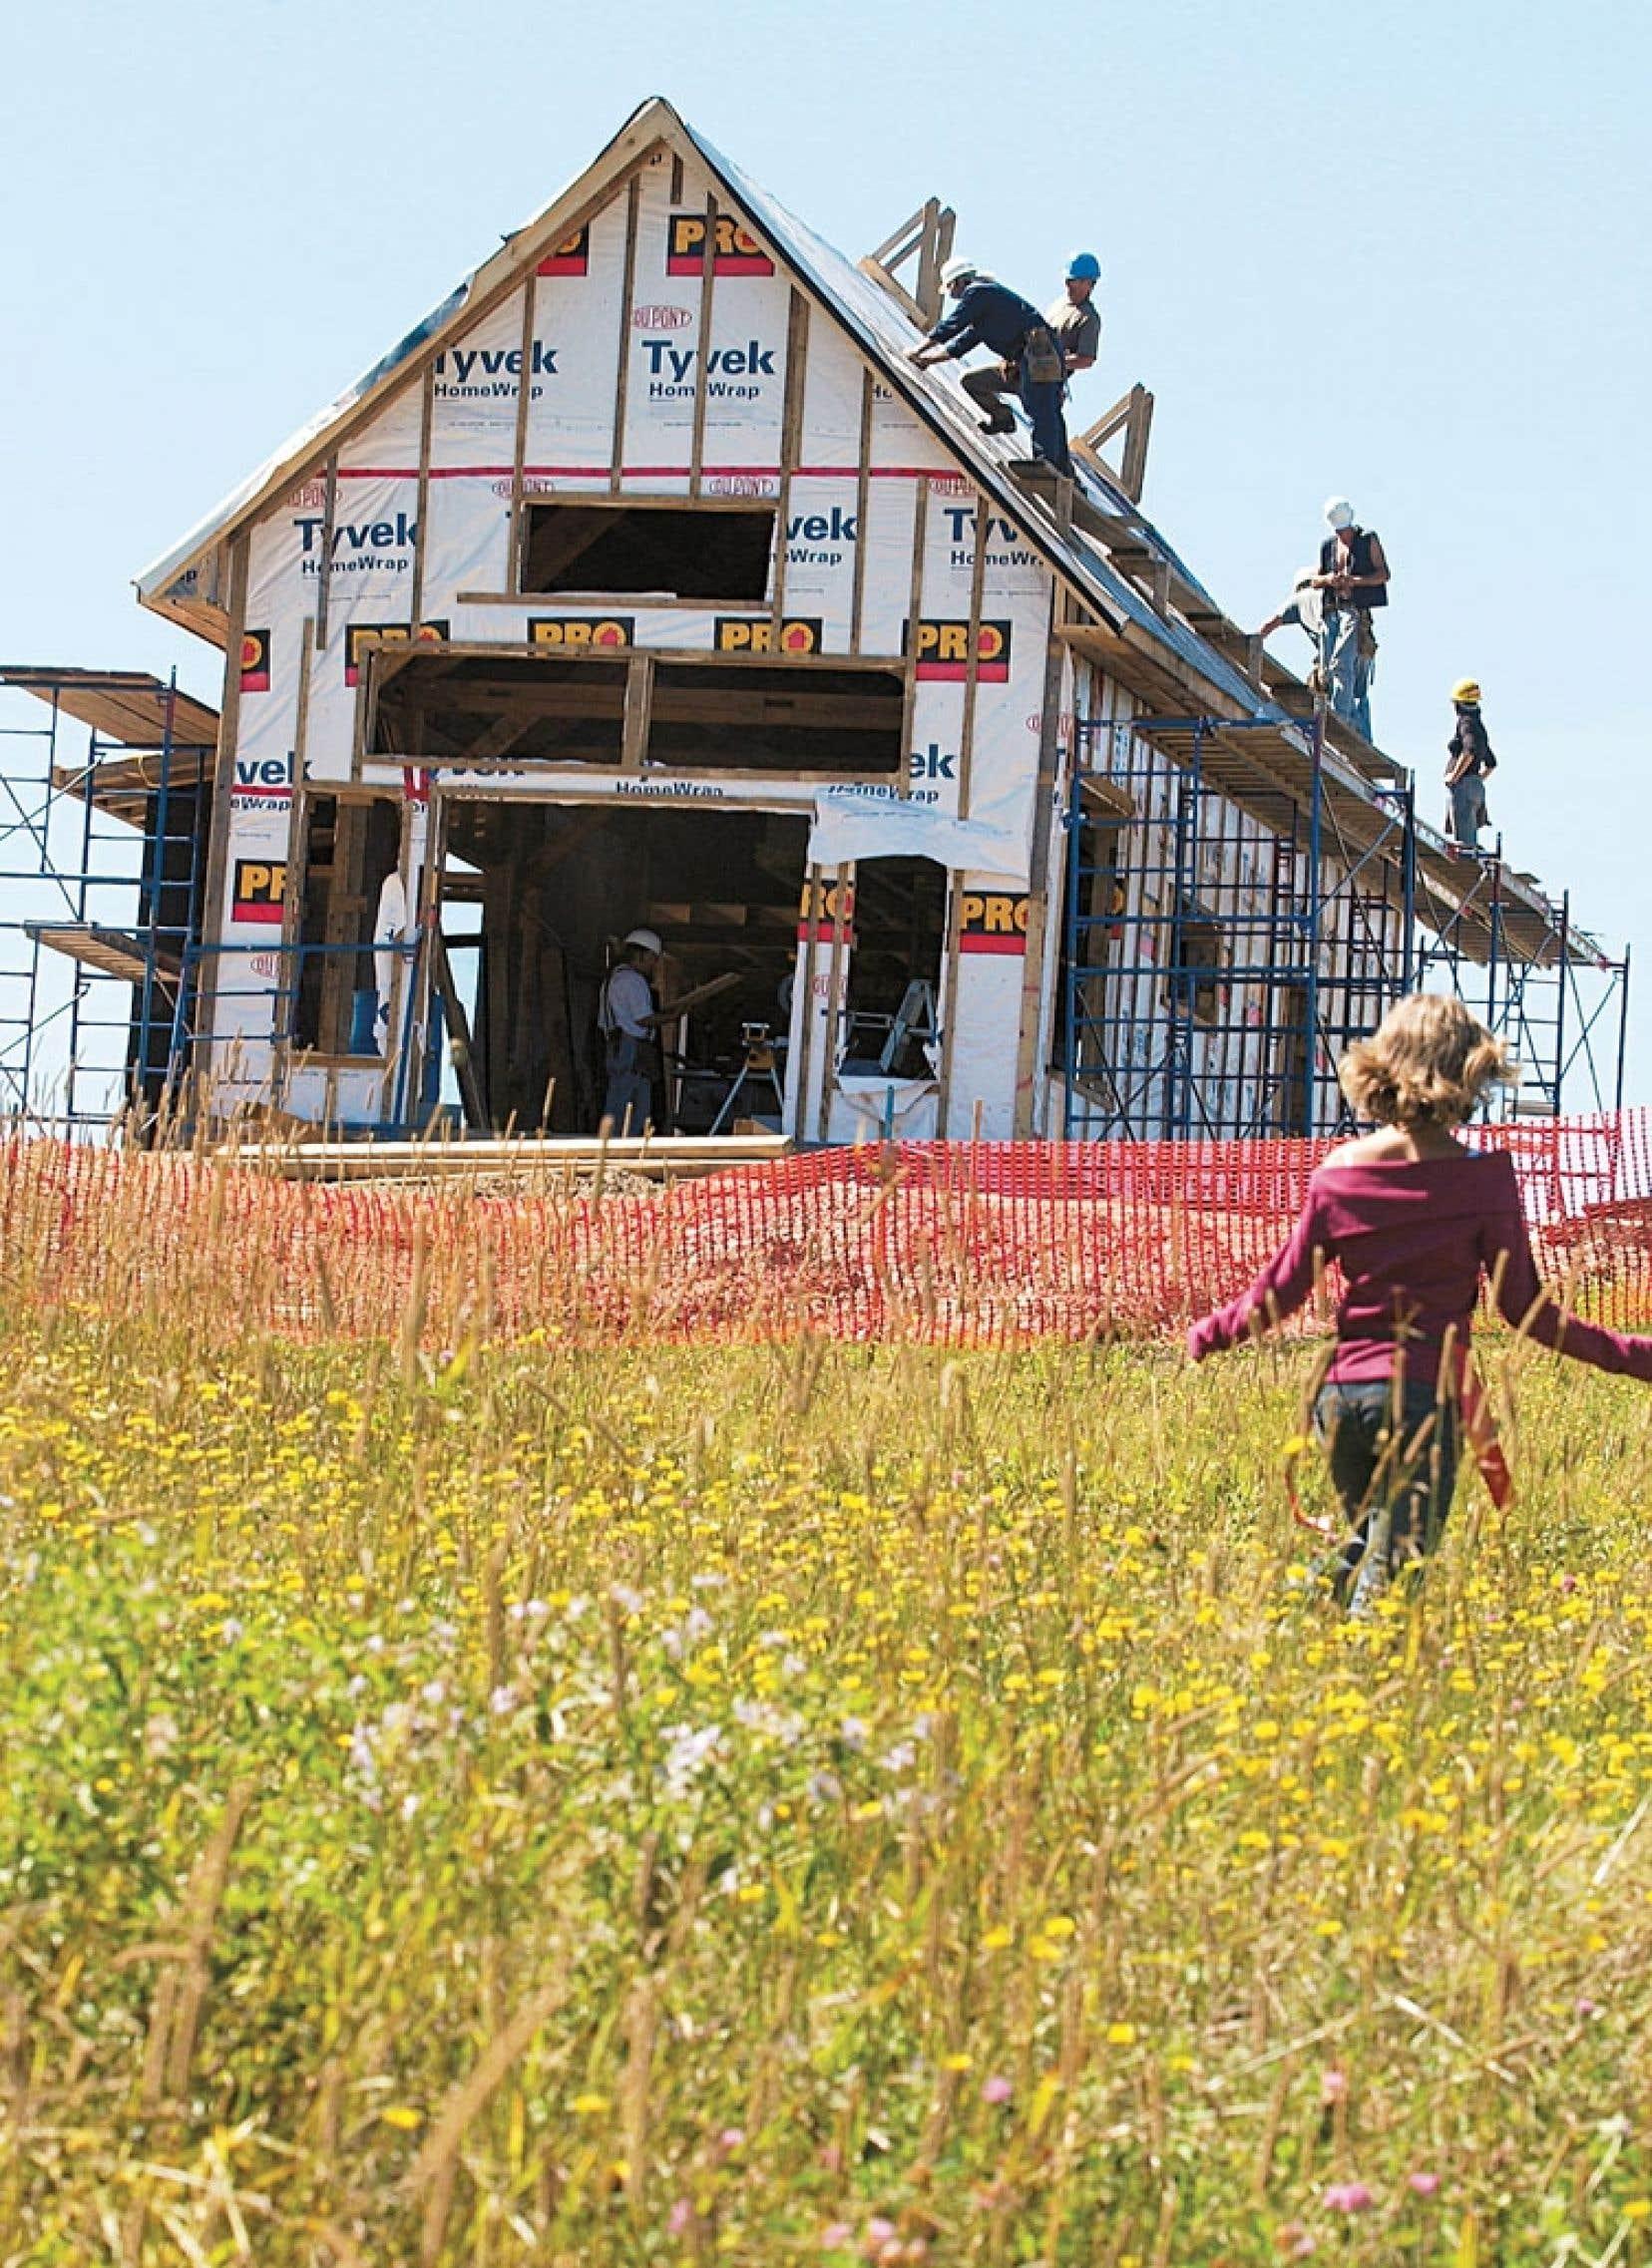 Le nombre total des mises en chantier demeurera inférieur à celui de l'an dernier, selon des prévisions rendues publiques mardi par la Société canadienne d'hypothèques et de logement.